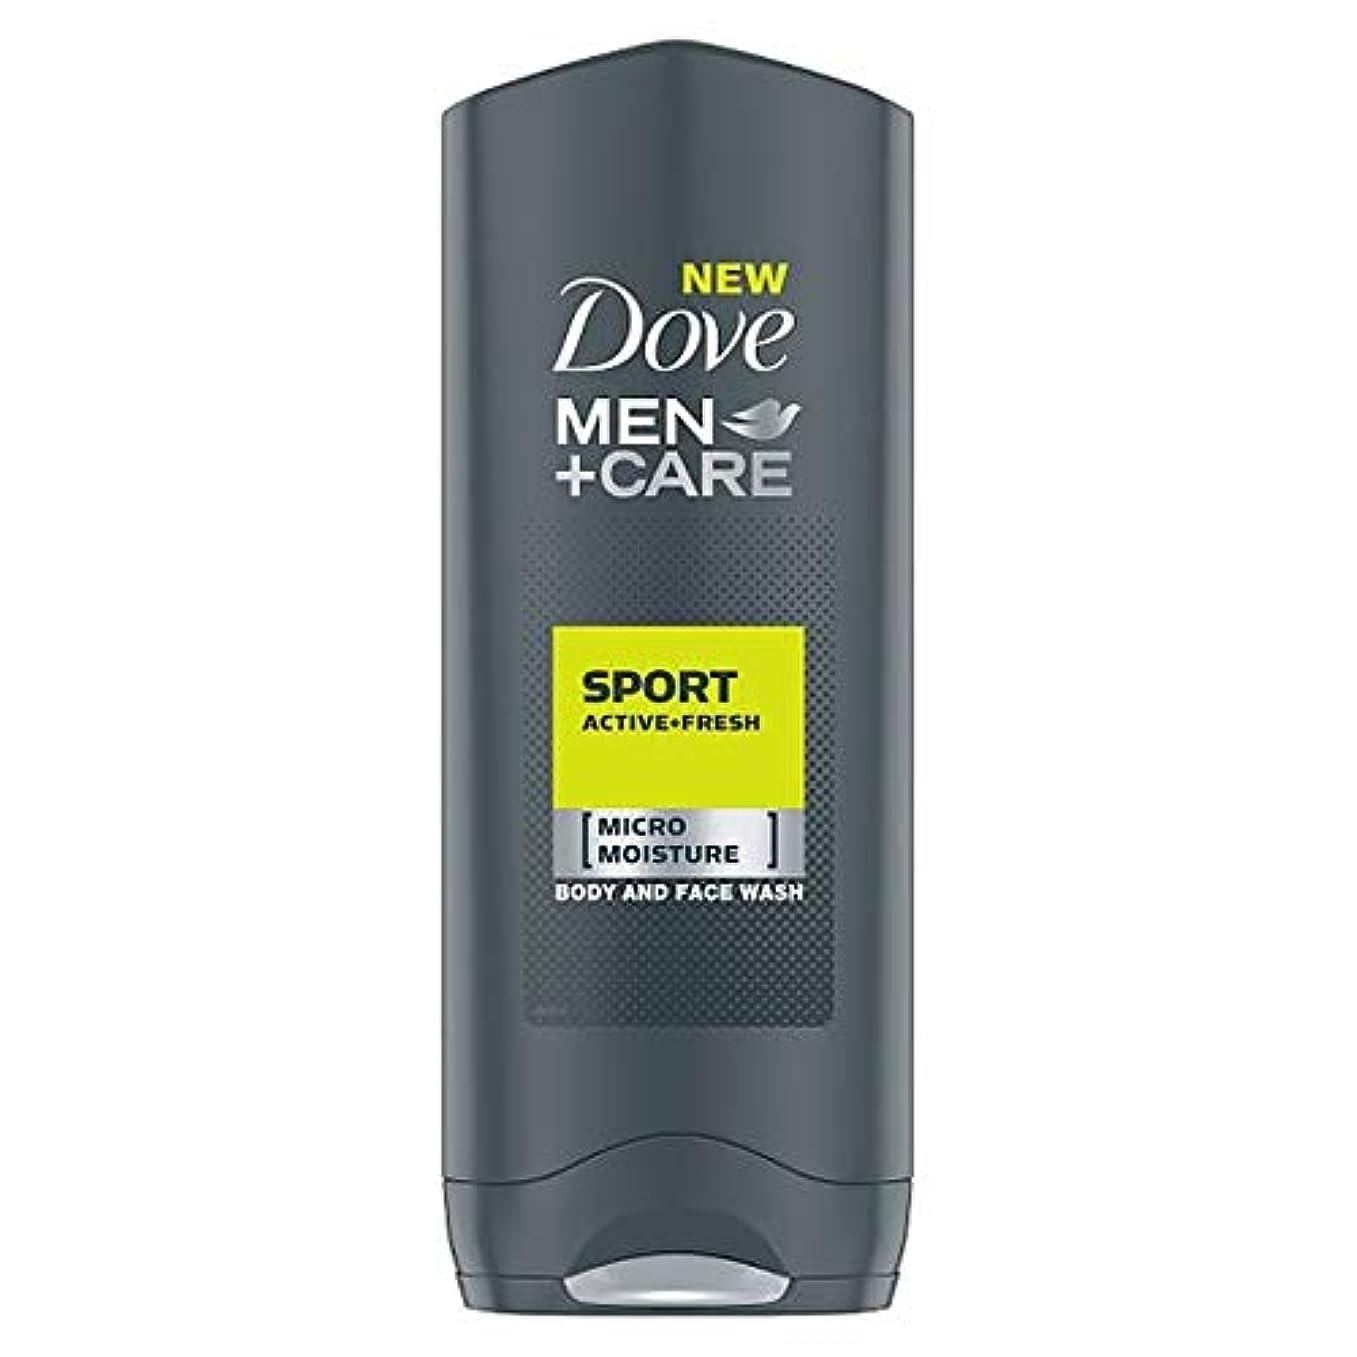 シャッター原理シングル[Dove] 鳩の男性+ケアスポーツアクティブフレッシュボディウォッシュ250ミリリットル - Dove Men+Care Sport Active Fresh Body Wash 250Ml [並行輸入品]